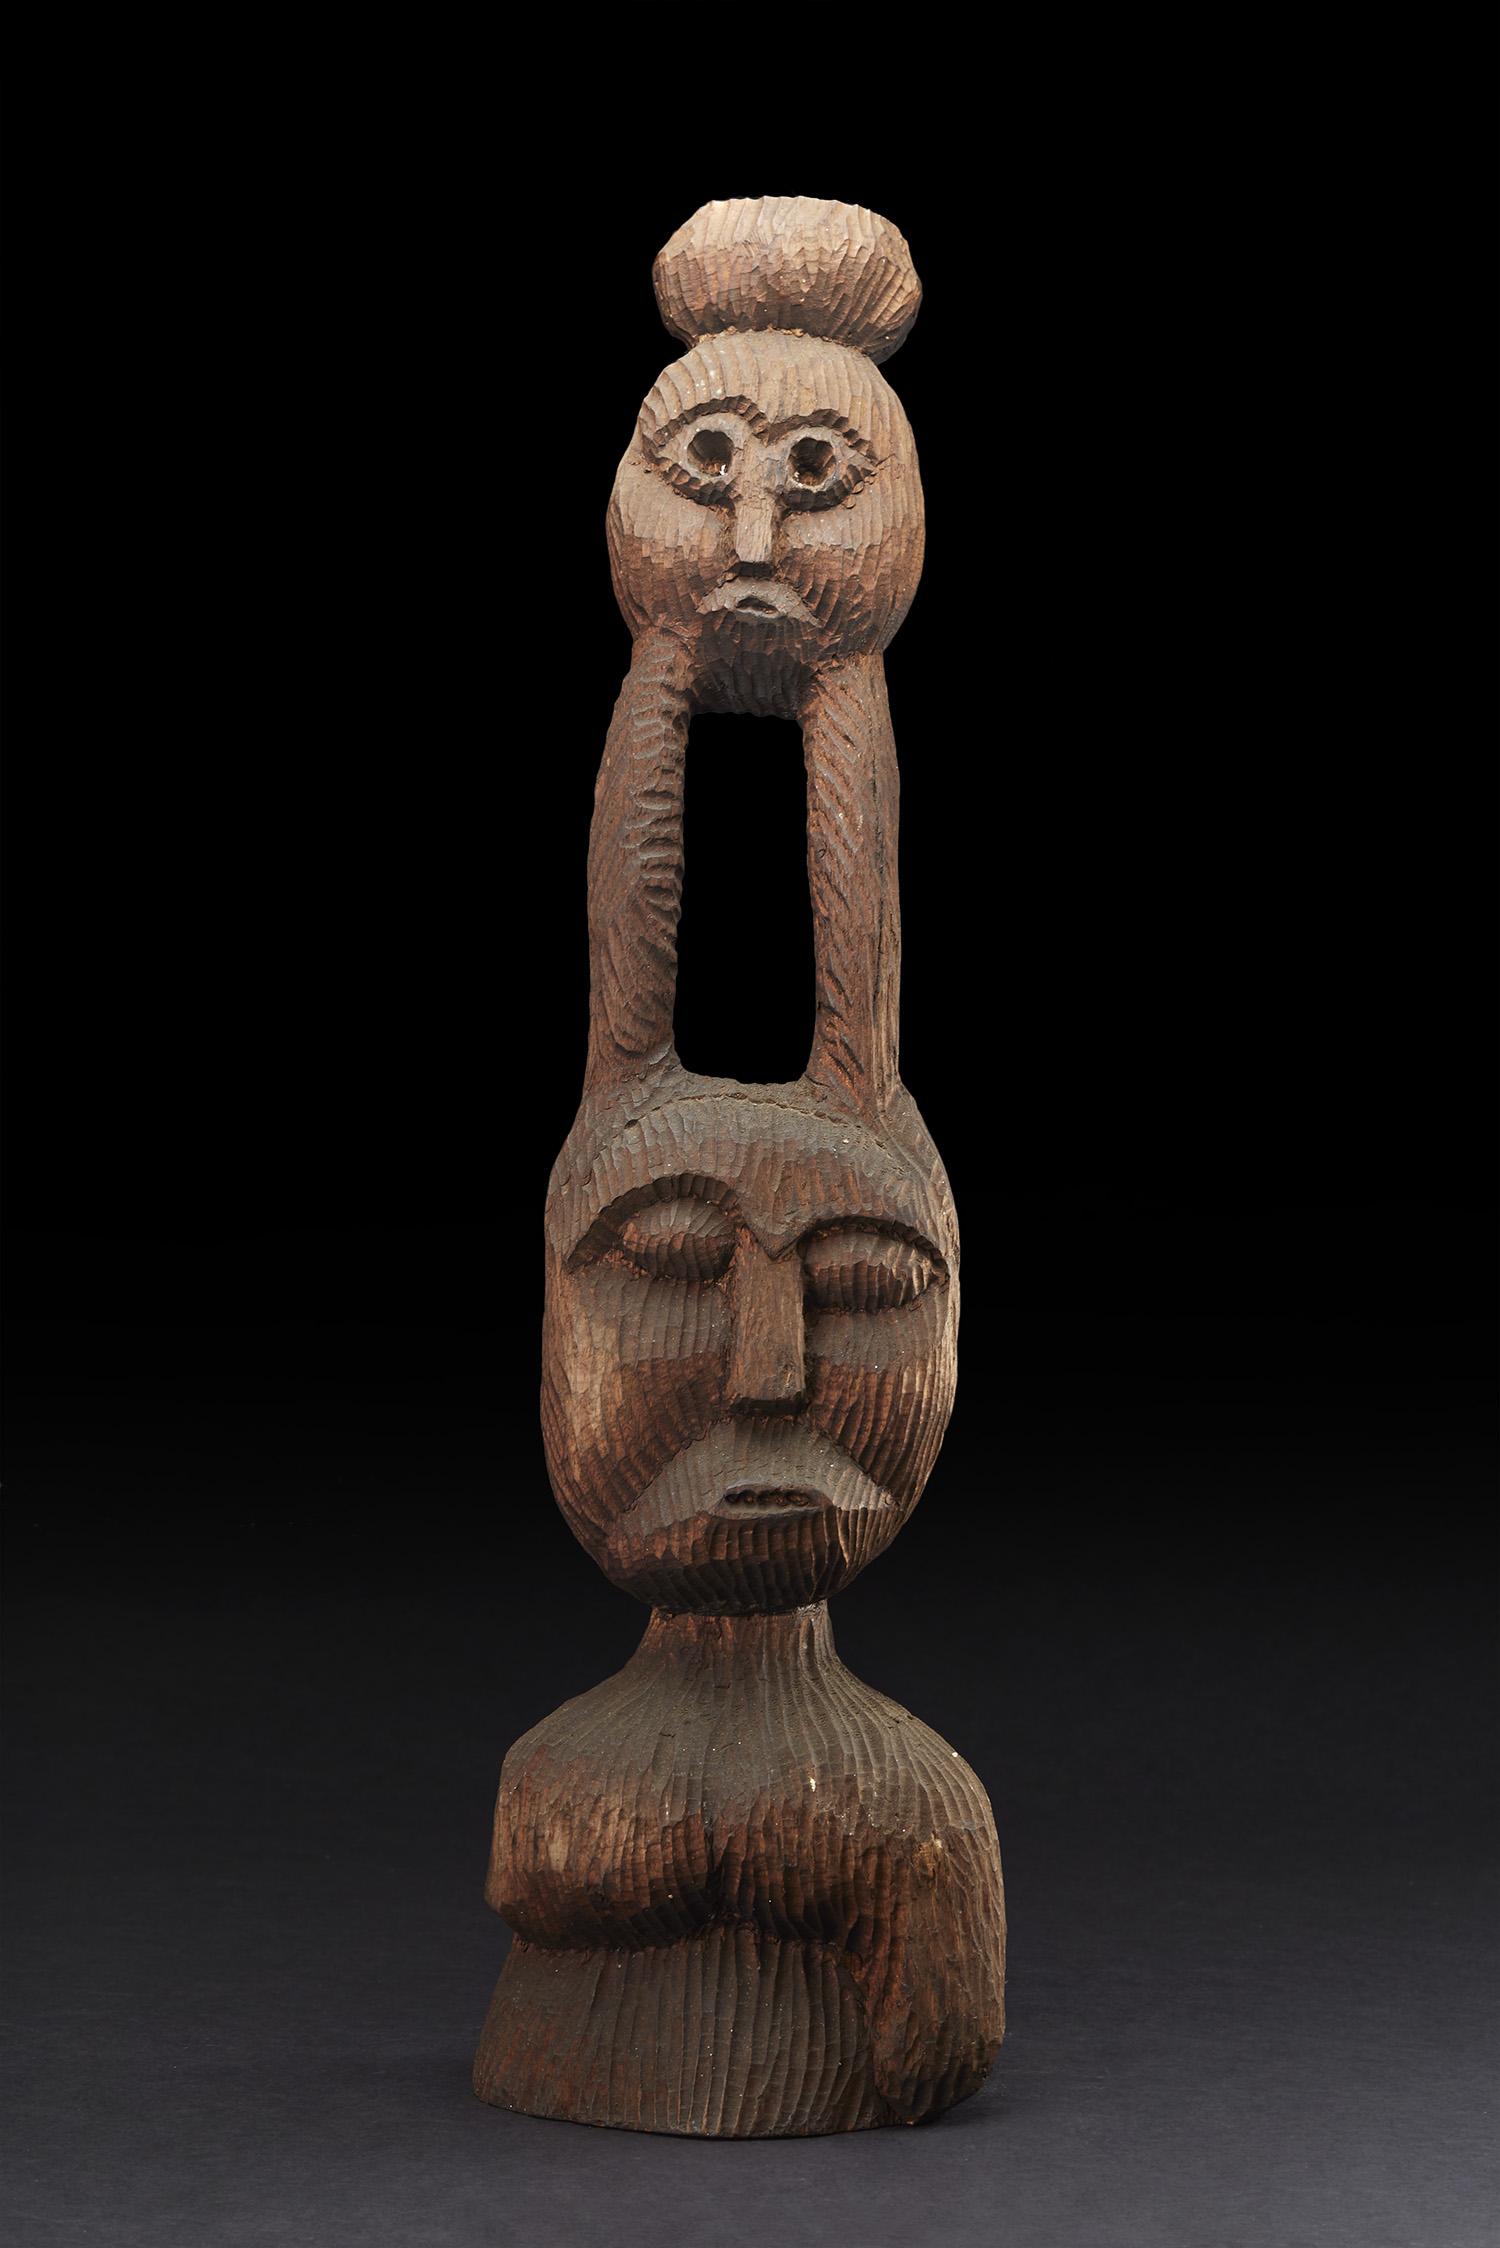 Errol Lloyd Atherton  Untitled (Figure)  , 1992 Cedar 32.5 x 9 x 8 inches 82.6 x 22.9 x 20.3 cm LAt 29